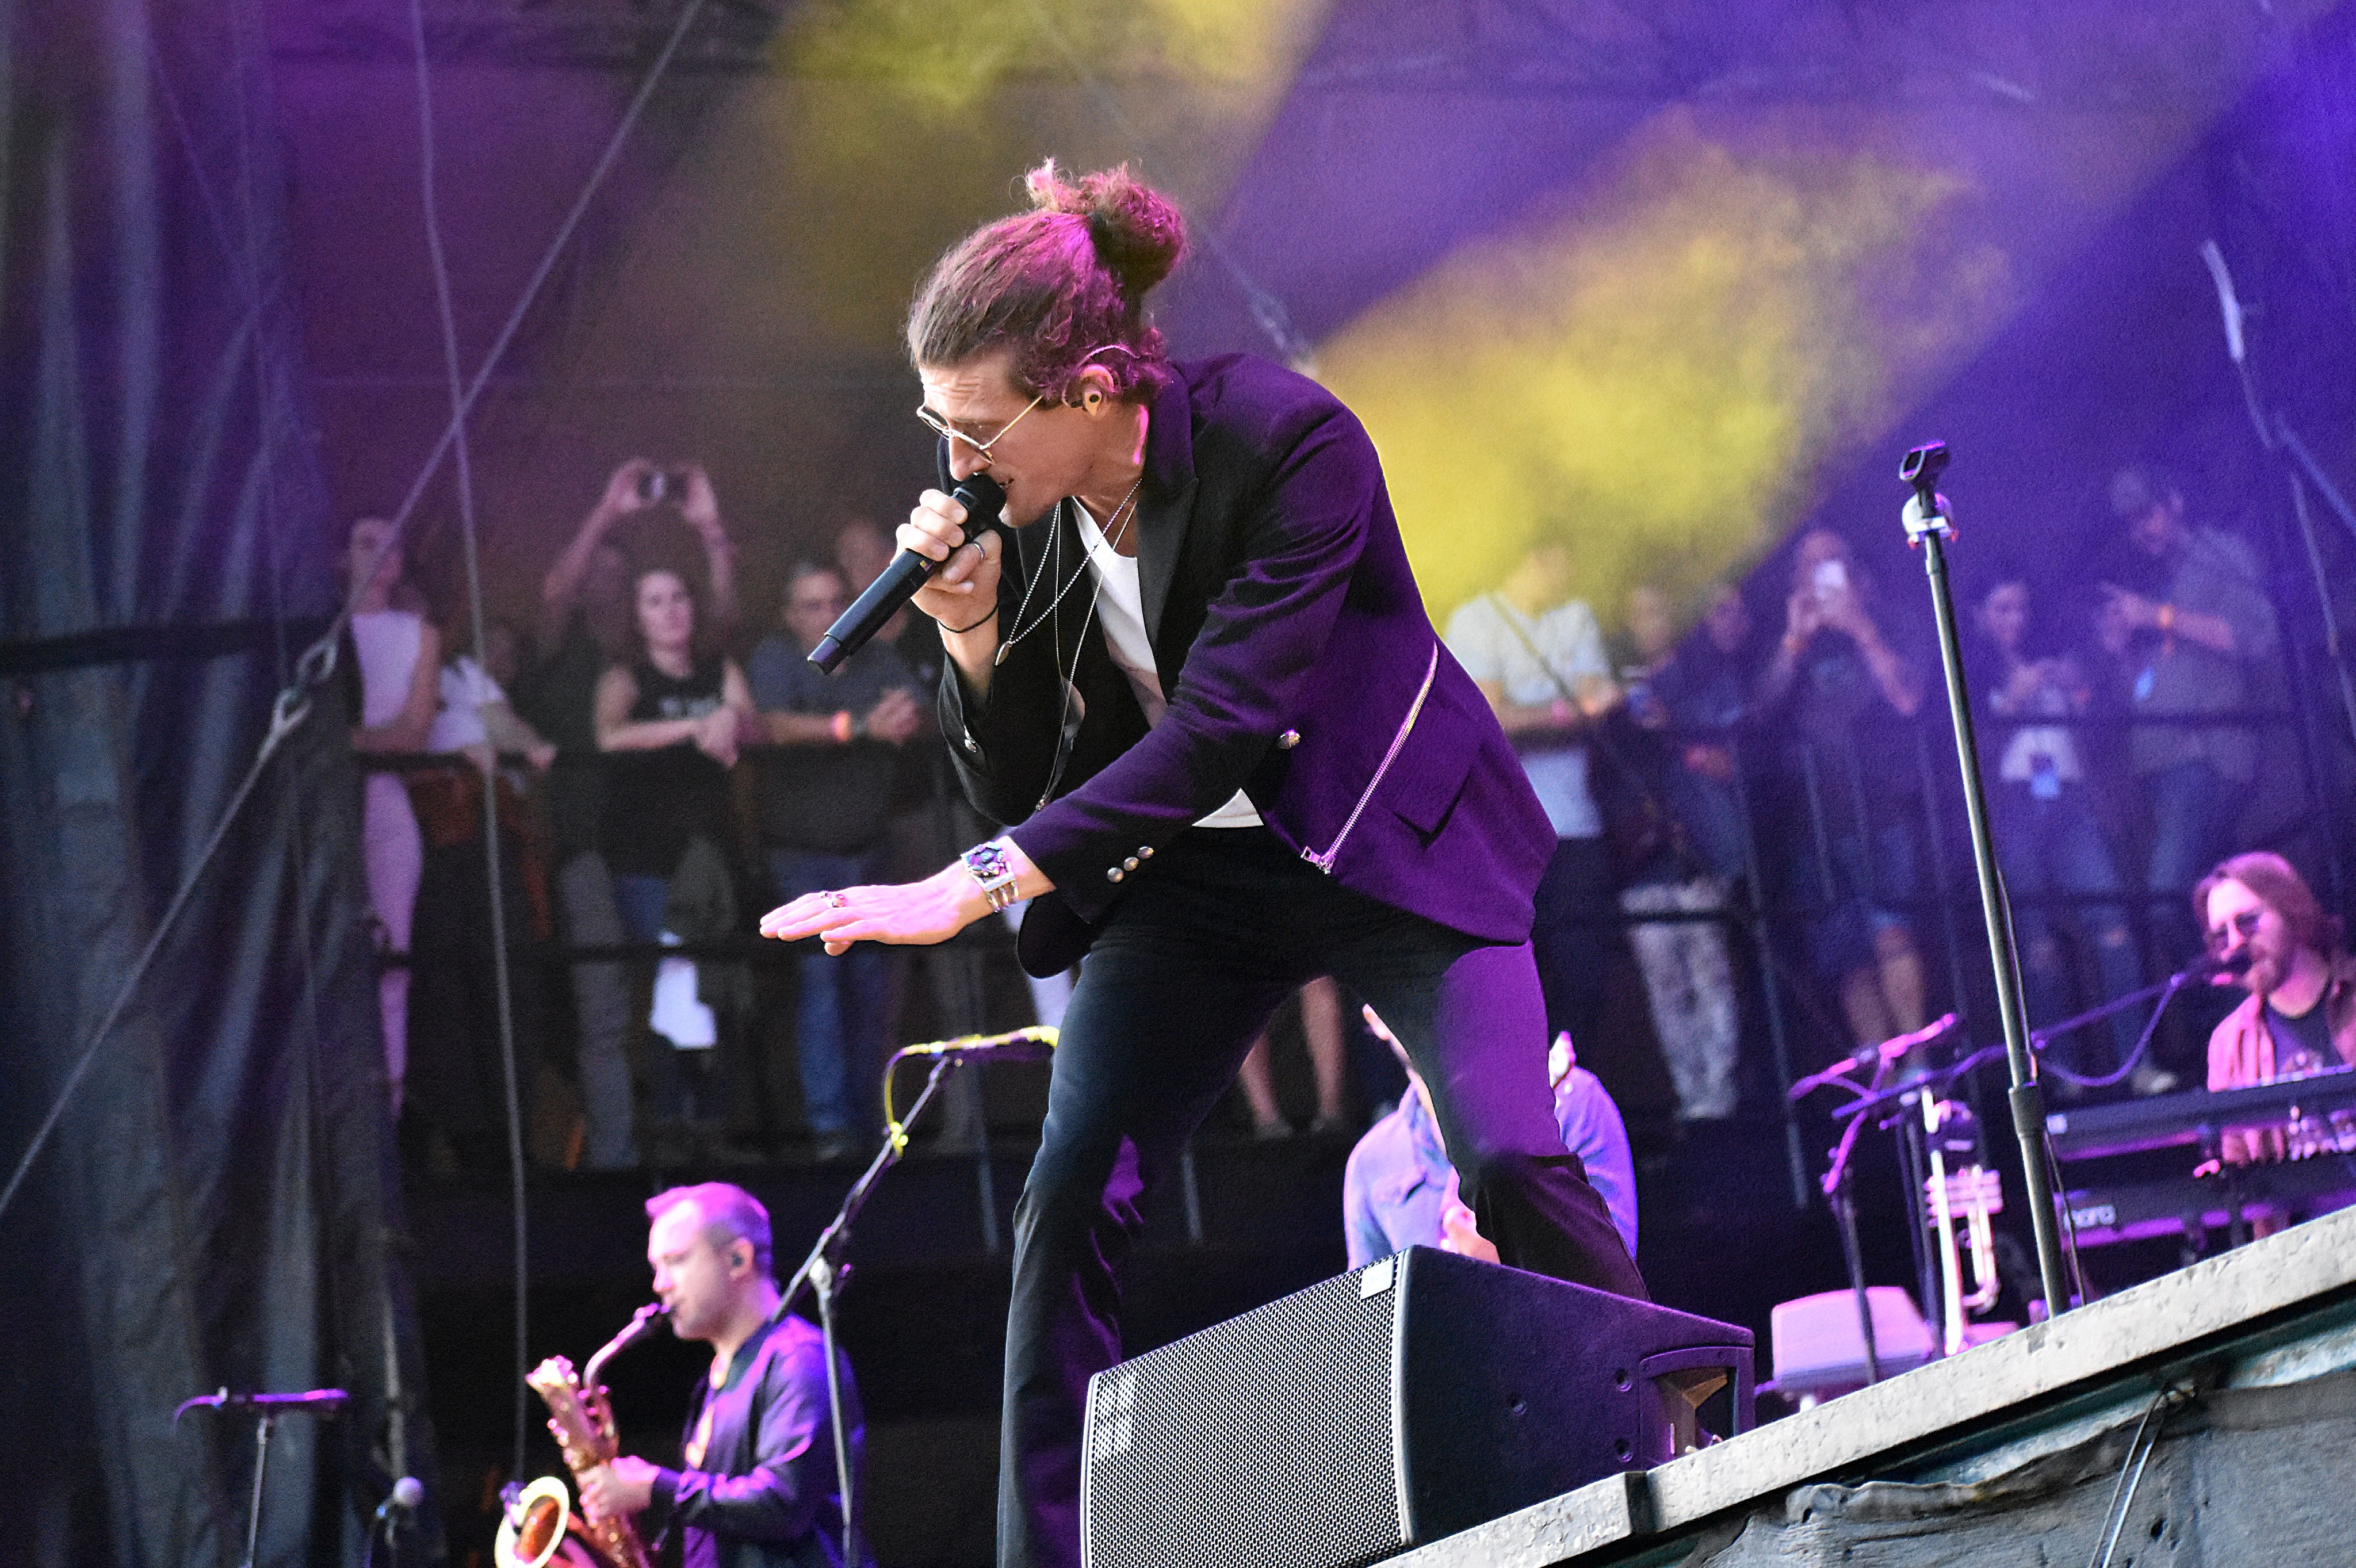 The Revivalists Mempho Music Festival